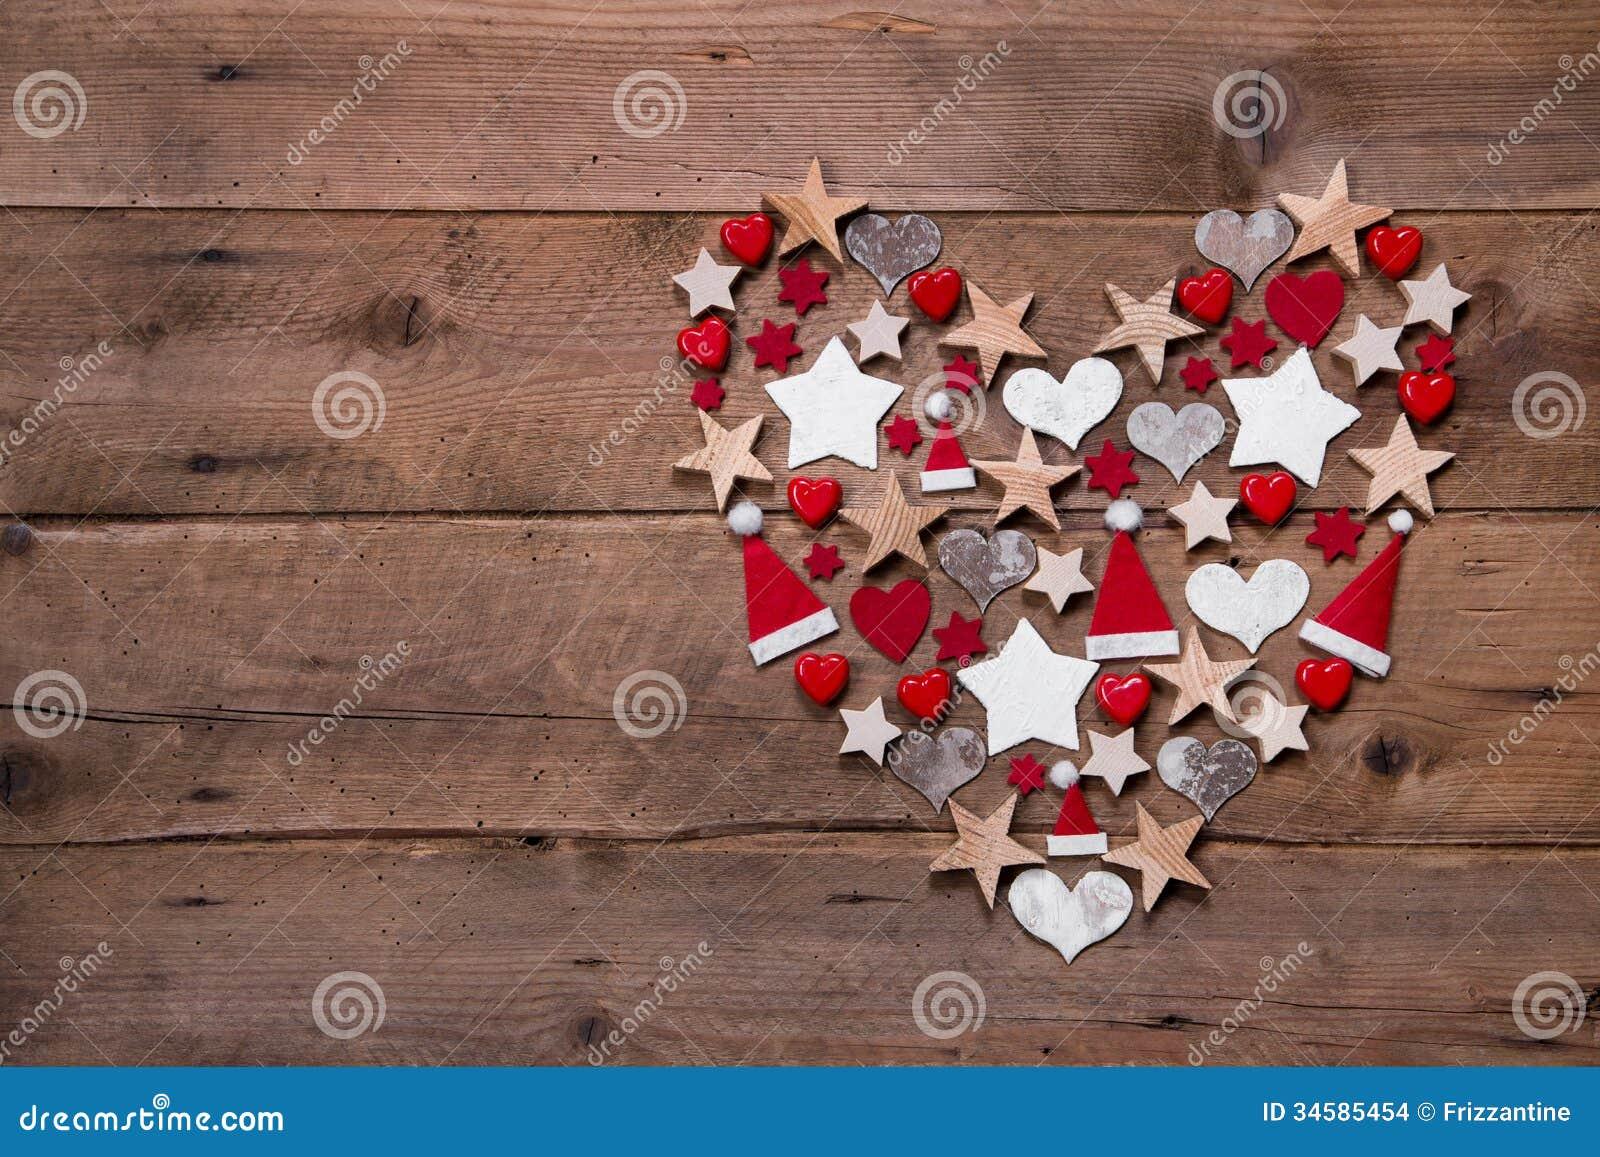 Coeur de no l sur un fond en bois d coration en rouge et - Deco noel rouge et blanc ...